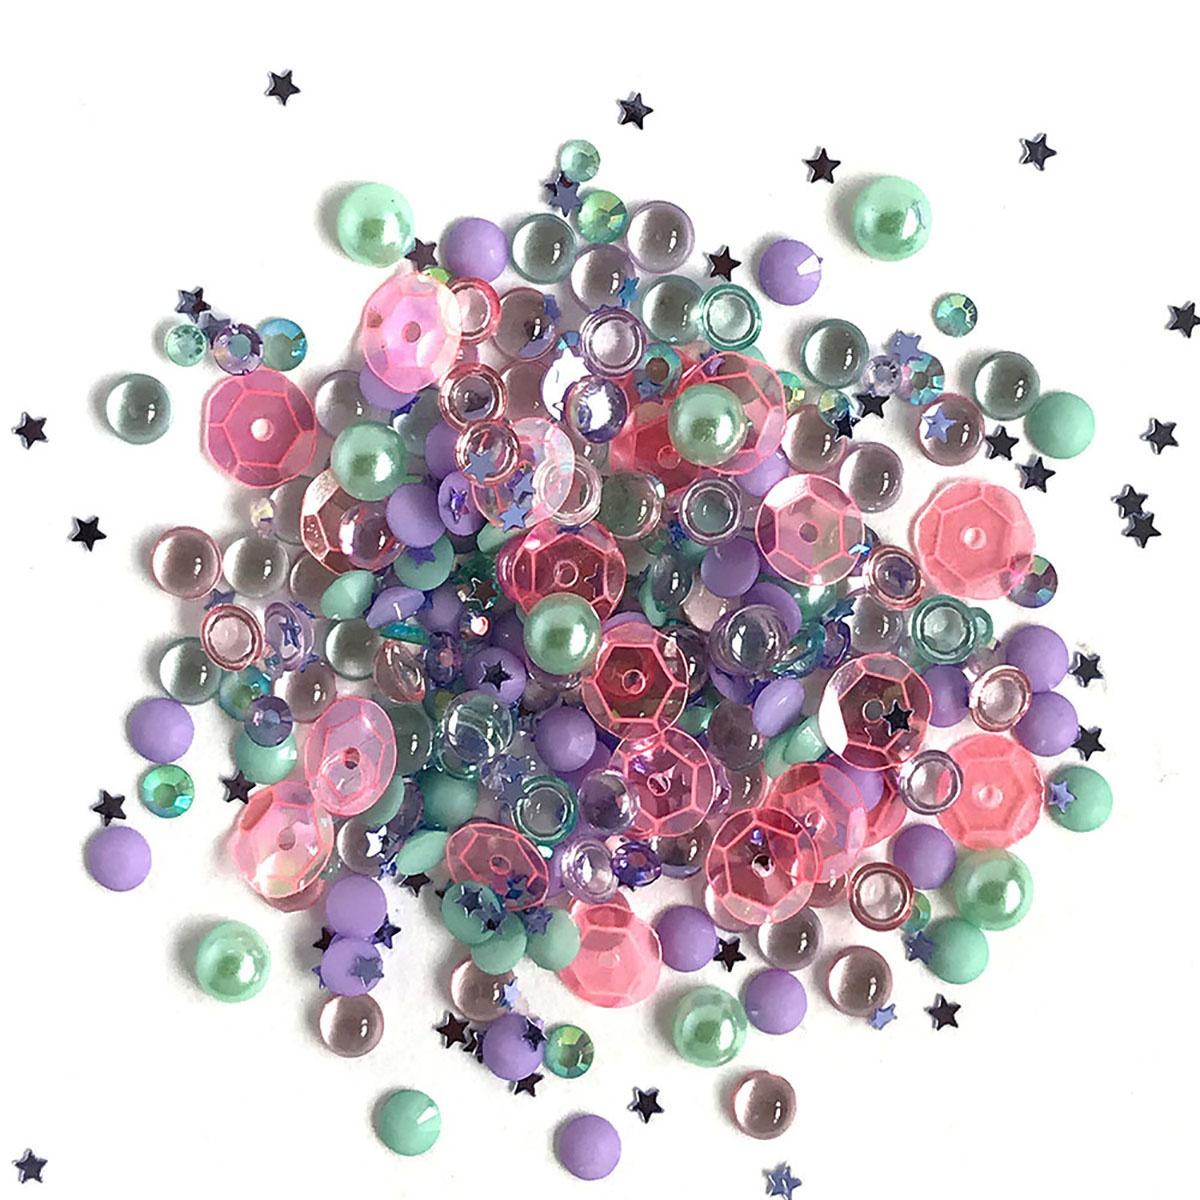 Sparkletz Embellishment Pack 10g-Mermaid